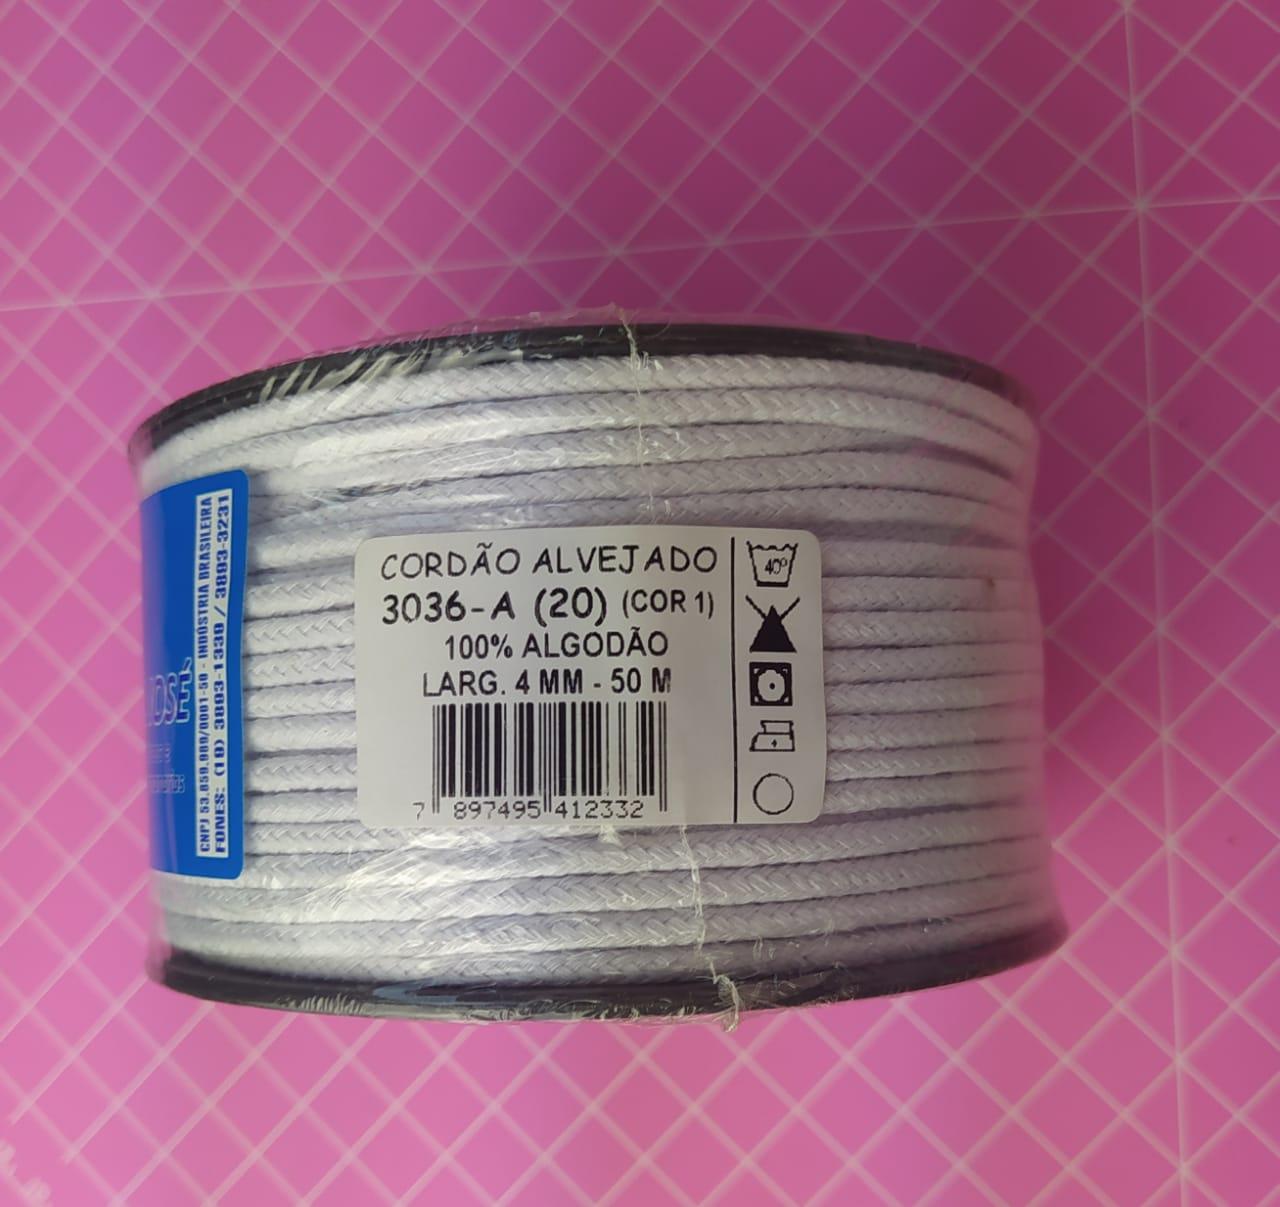 Cordão de algodão São José - Larg. 4mm c/ 50m